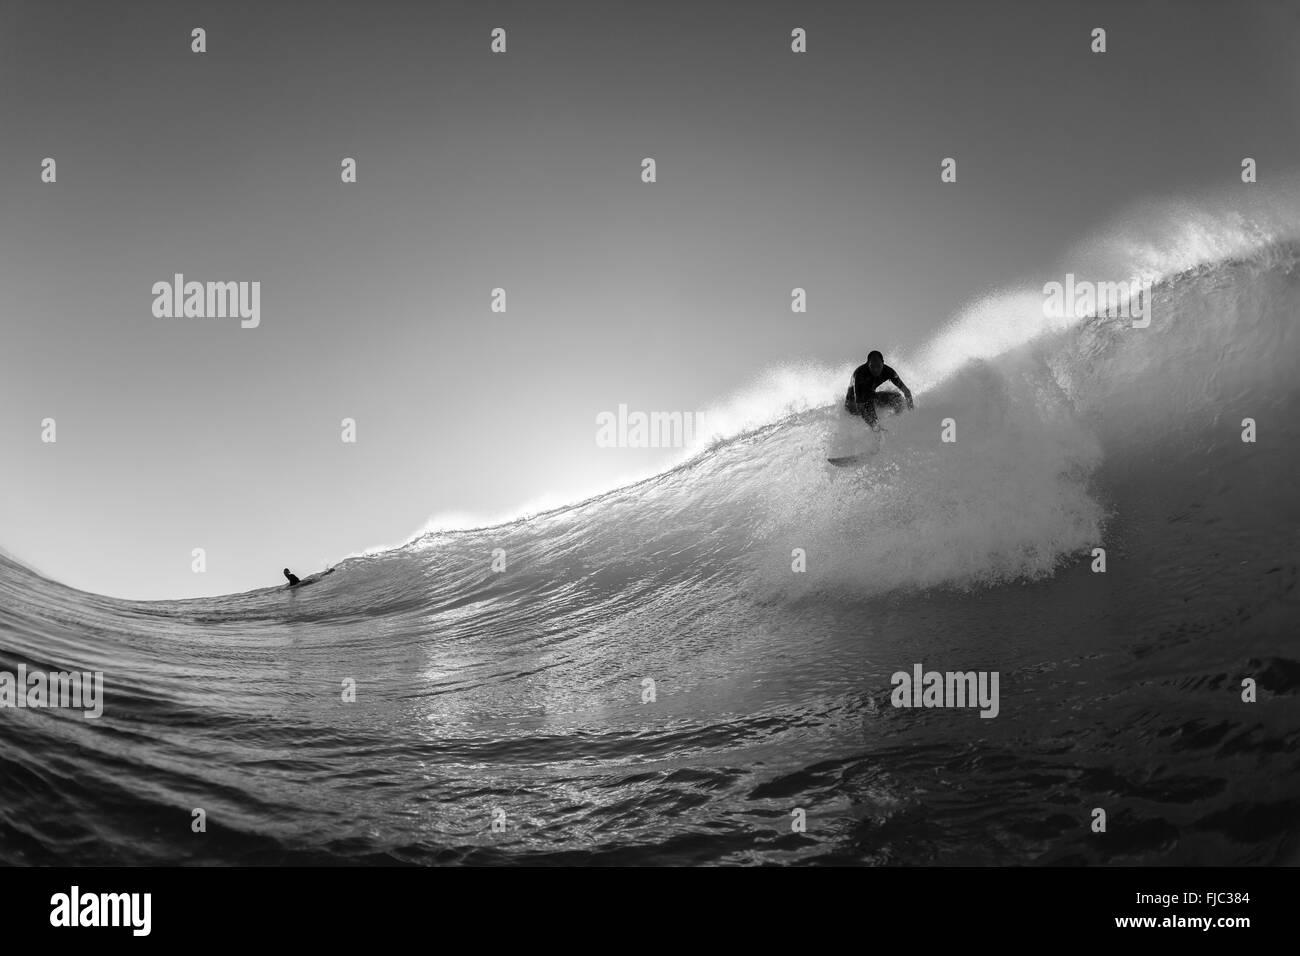 Surfen Surfer ausziehen fangen tosenden Ozean Welle Vintage schwarz und weiß Stockbild